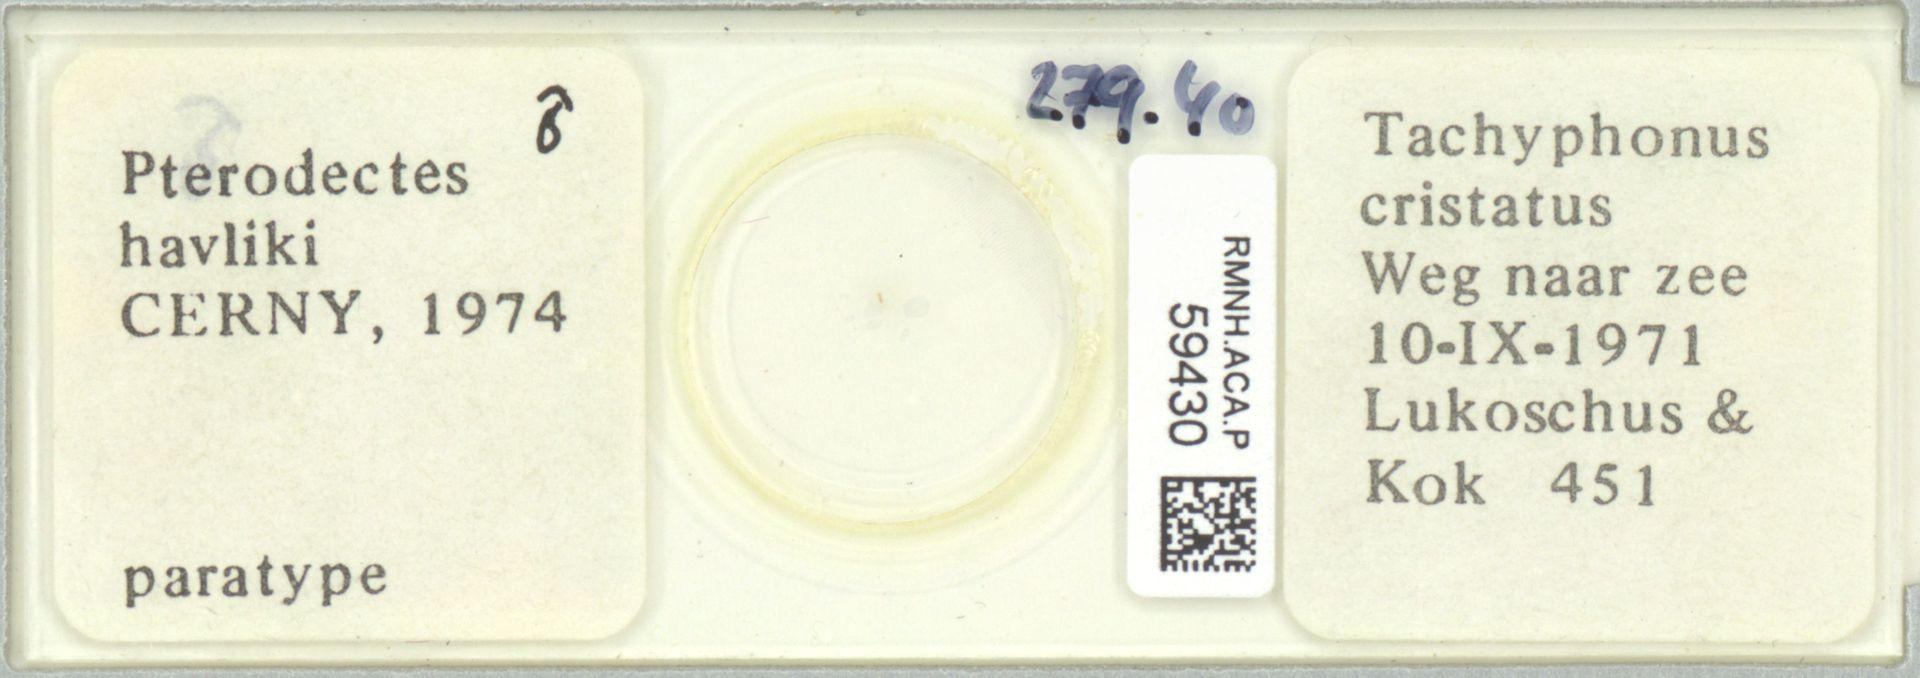 RMNH.ACA.P.59430 | Pterodectes havliki Cerny, 1974